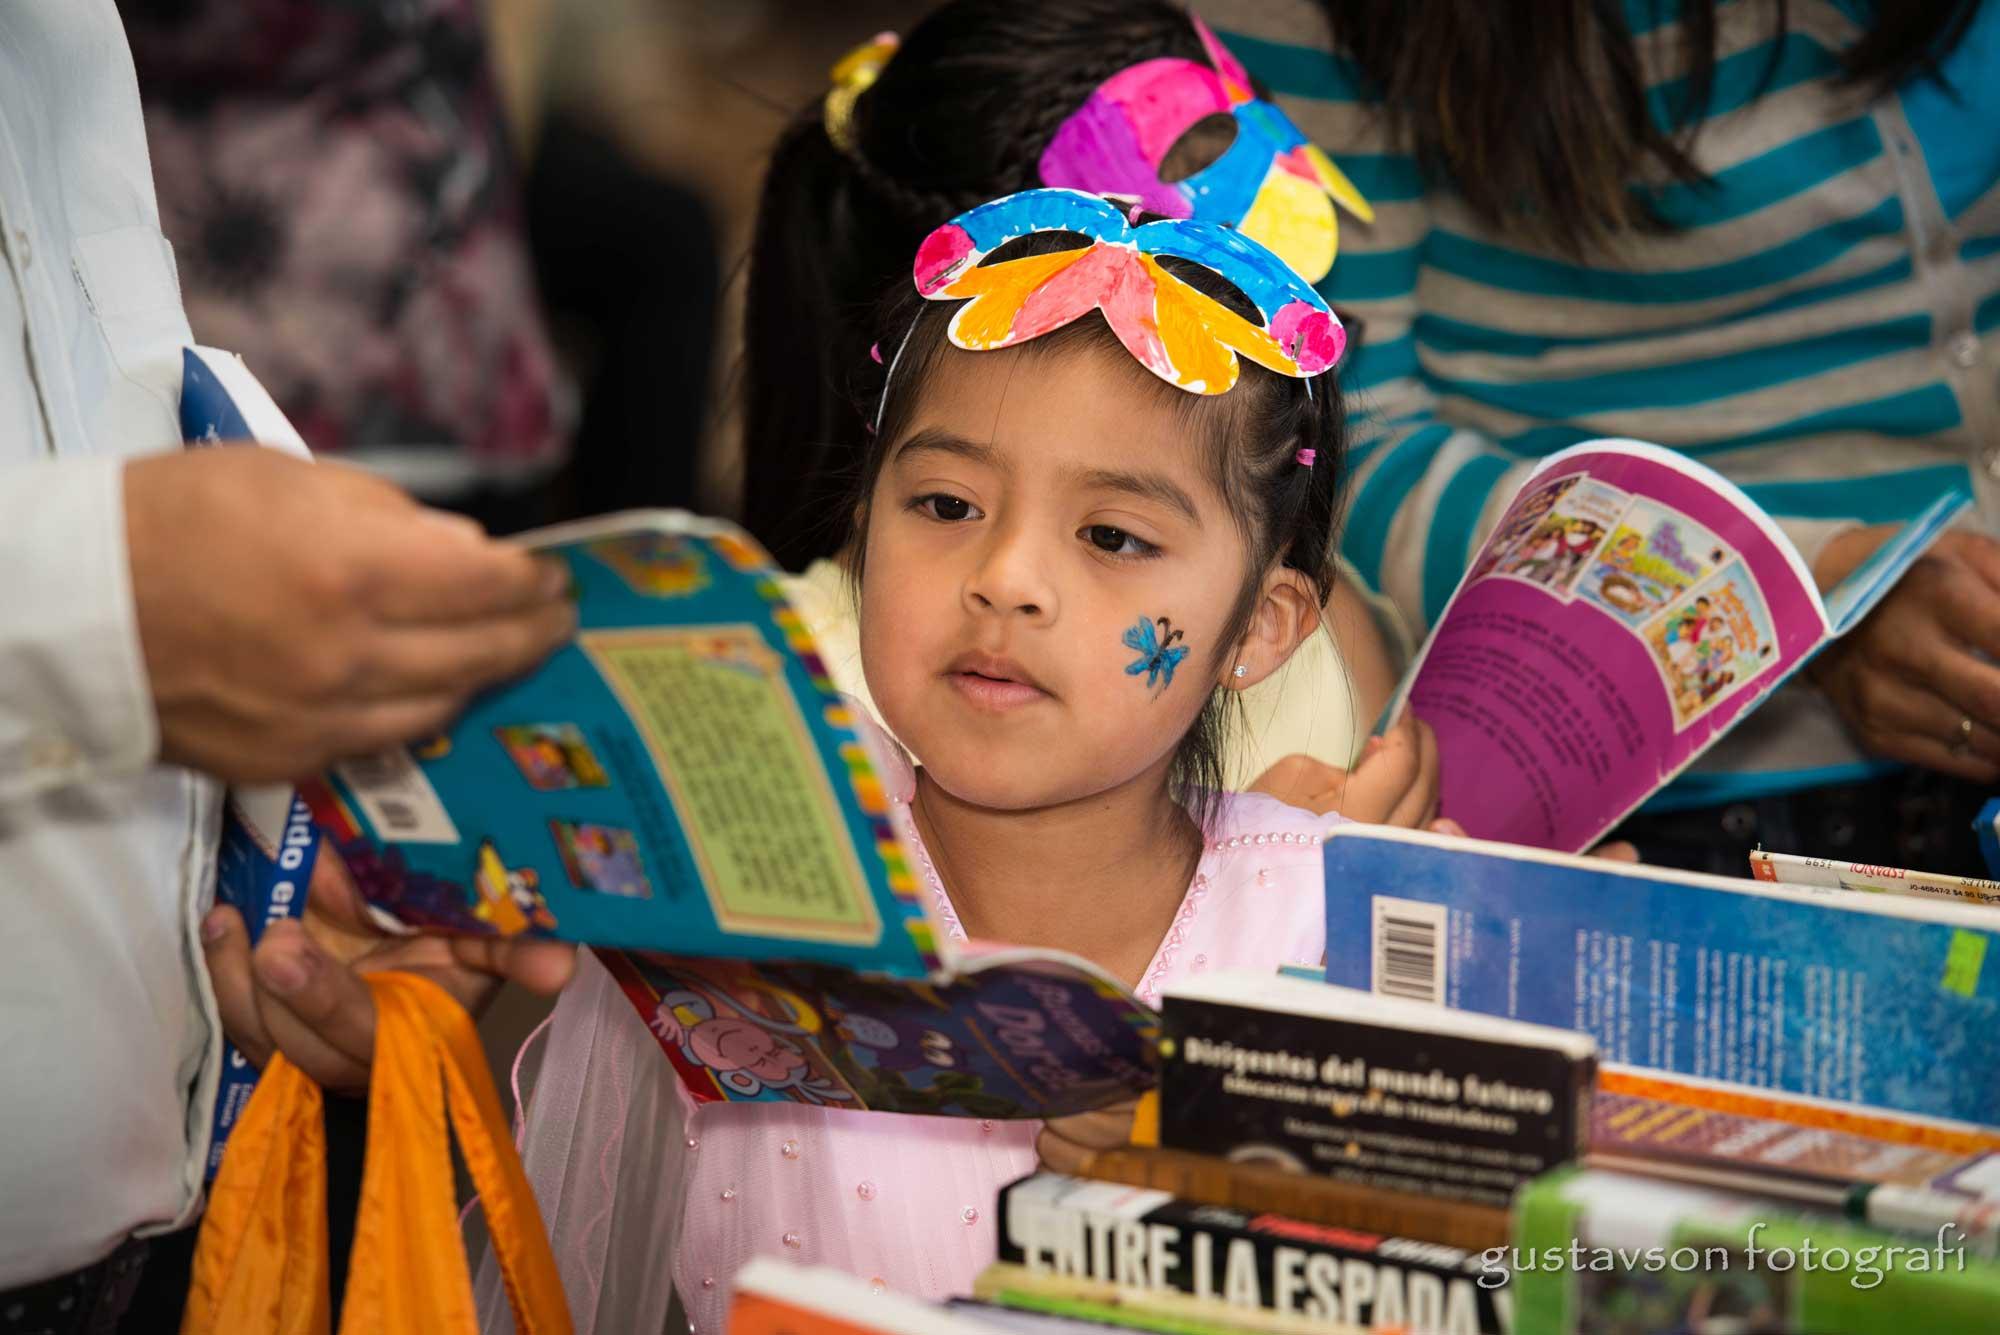 El día de los niños, El día de los libros/Children's Day, Book Day